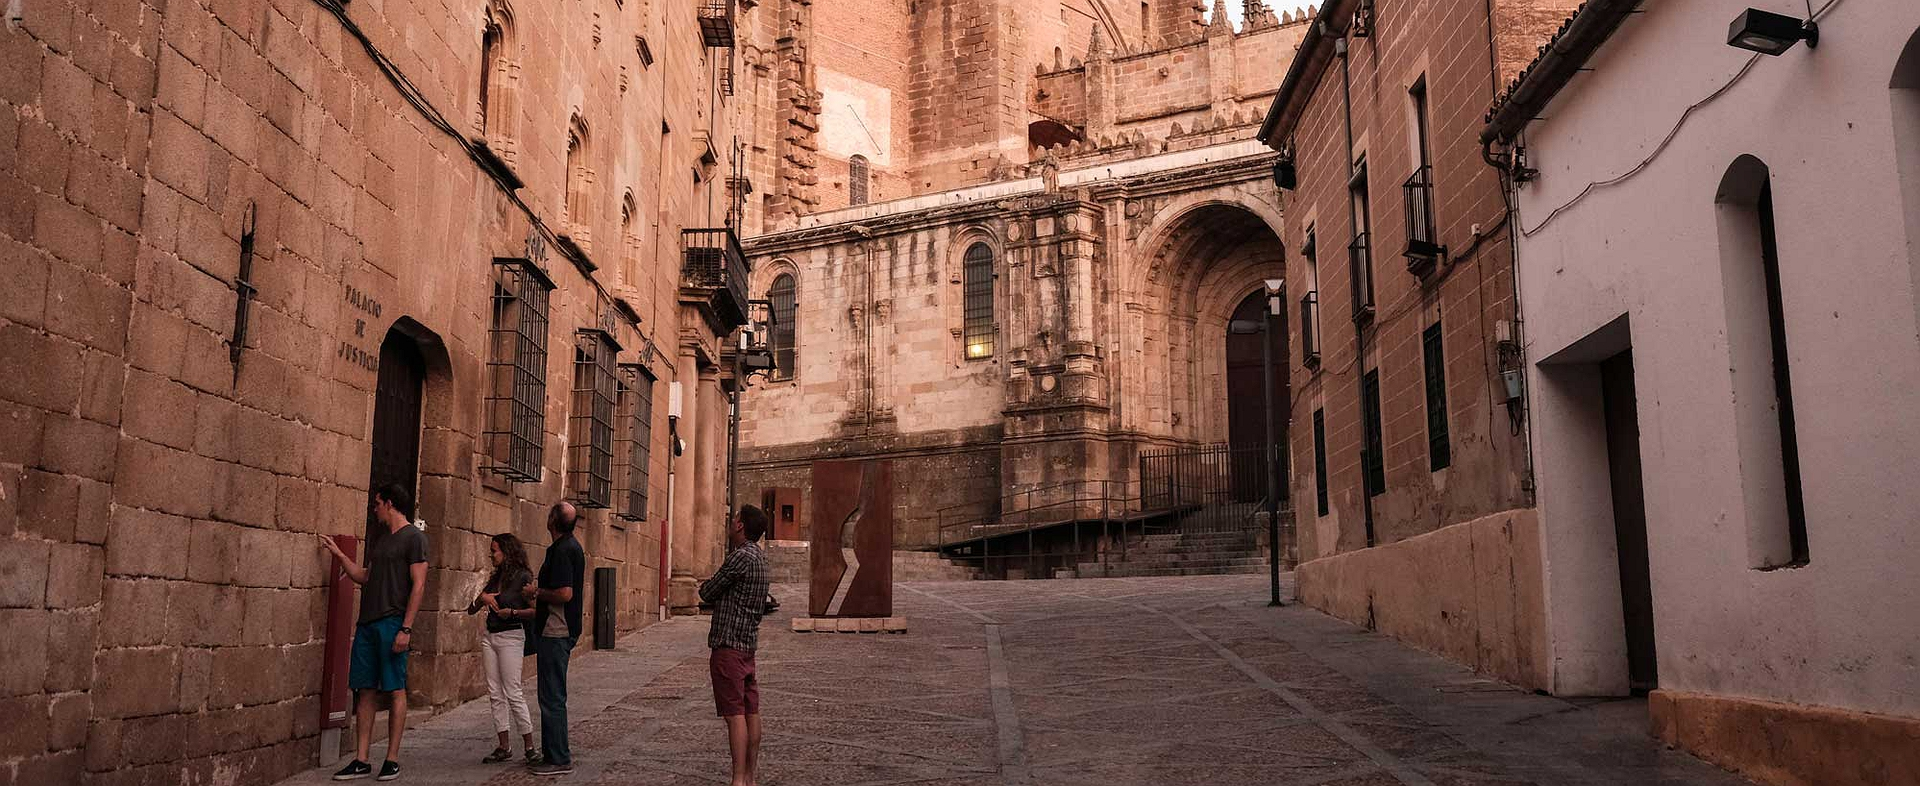 Ruta por la ciudad de Plasencia: 10 motivos para visitarla